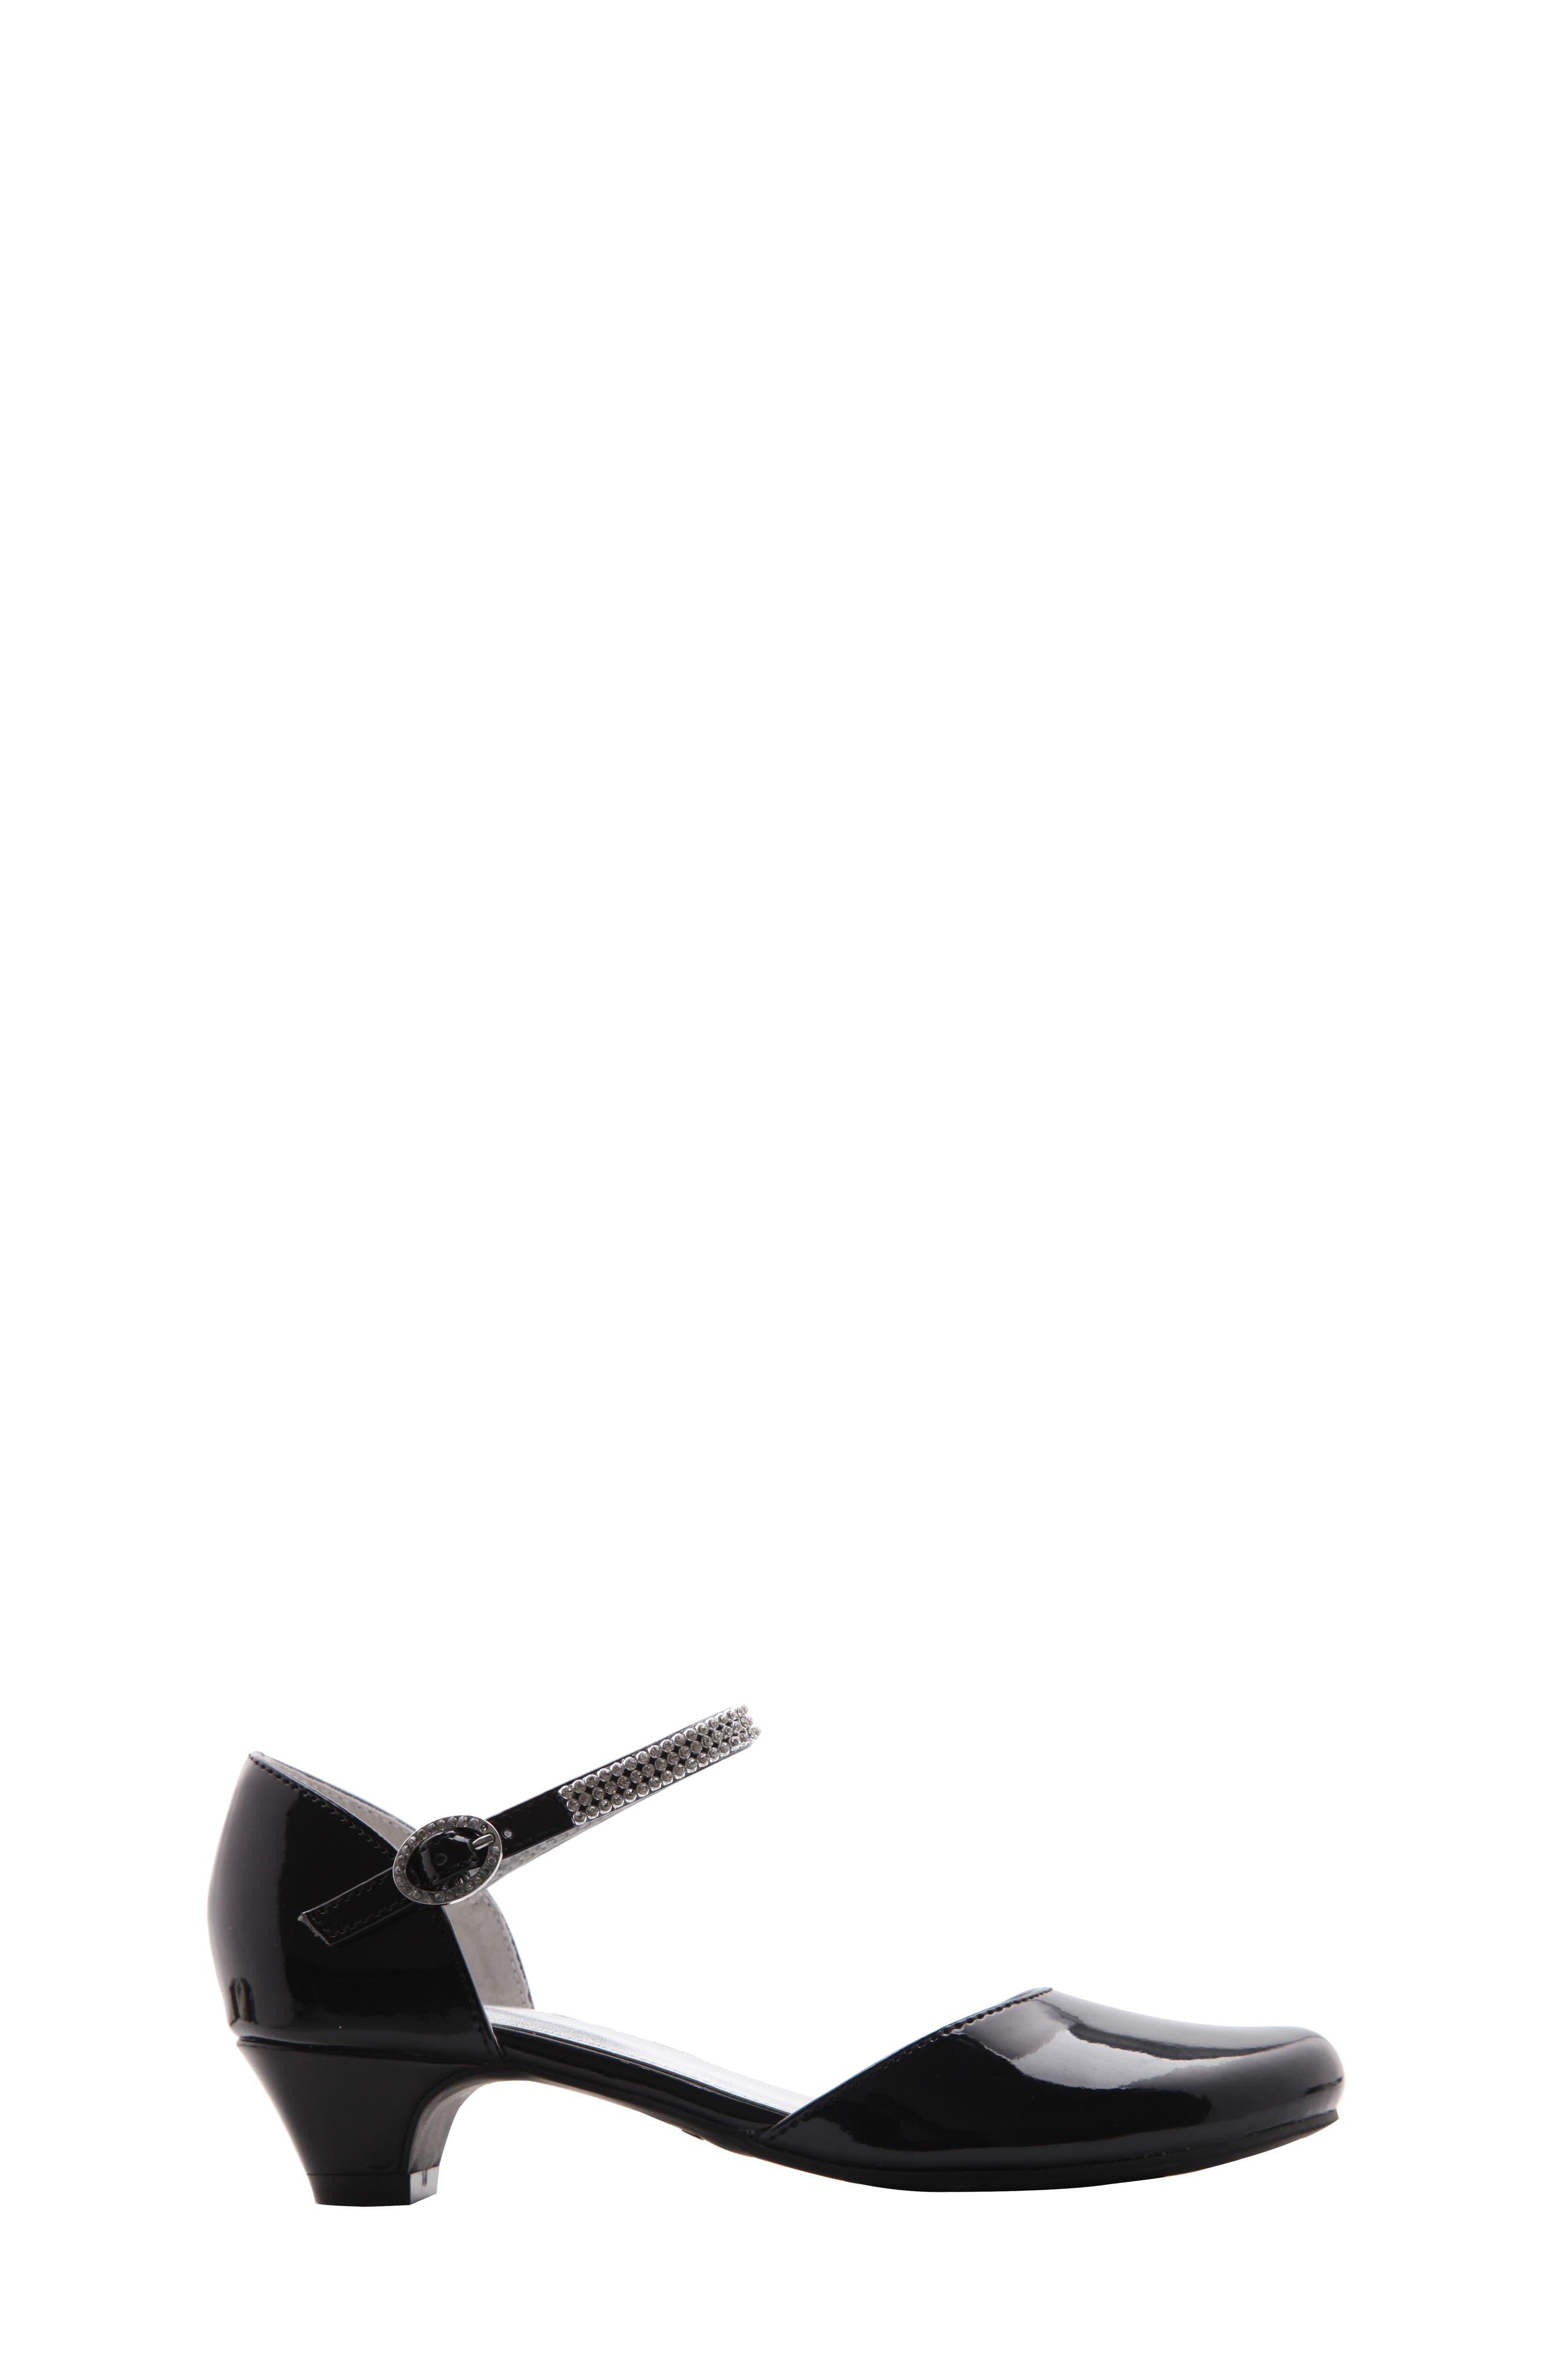 NINA, Cera Low Embellished Pump, Alternate thumbnail 3, color, 002